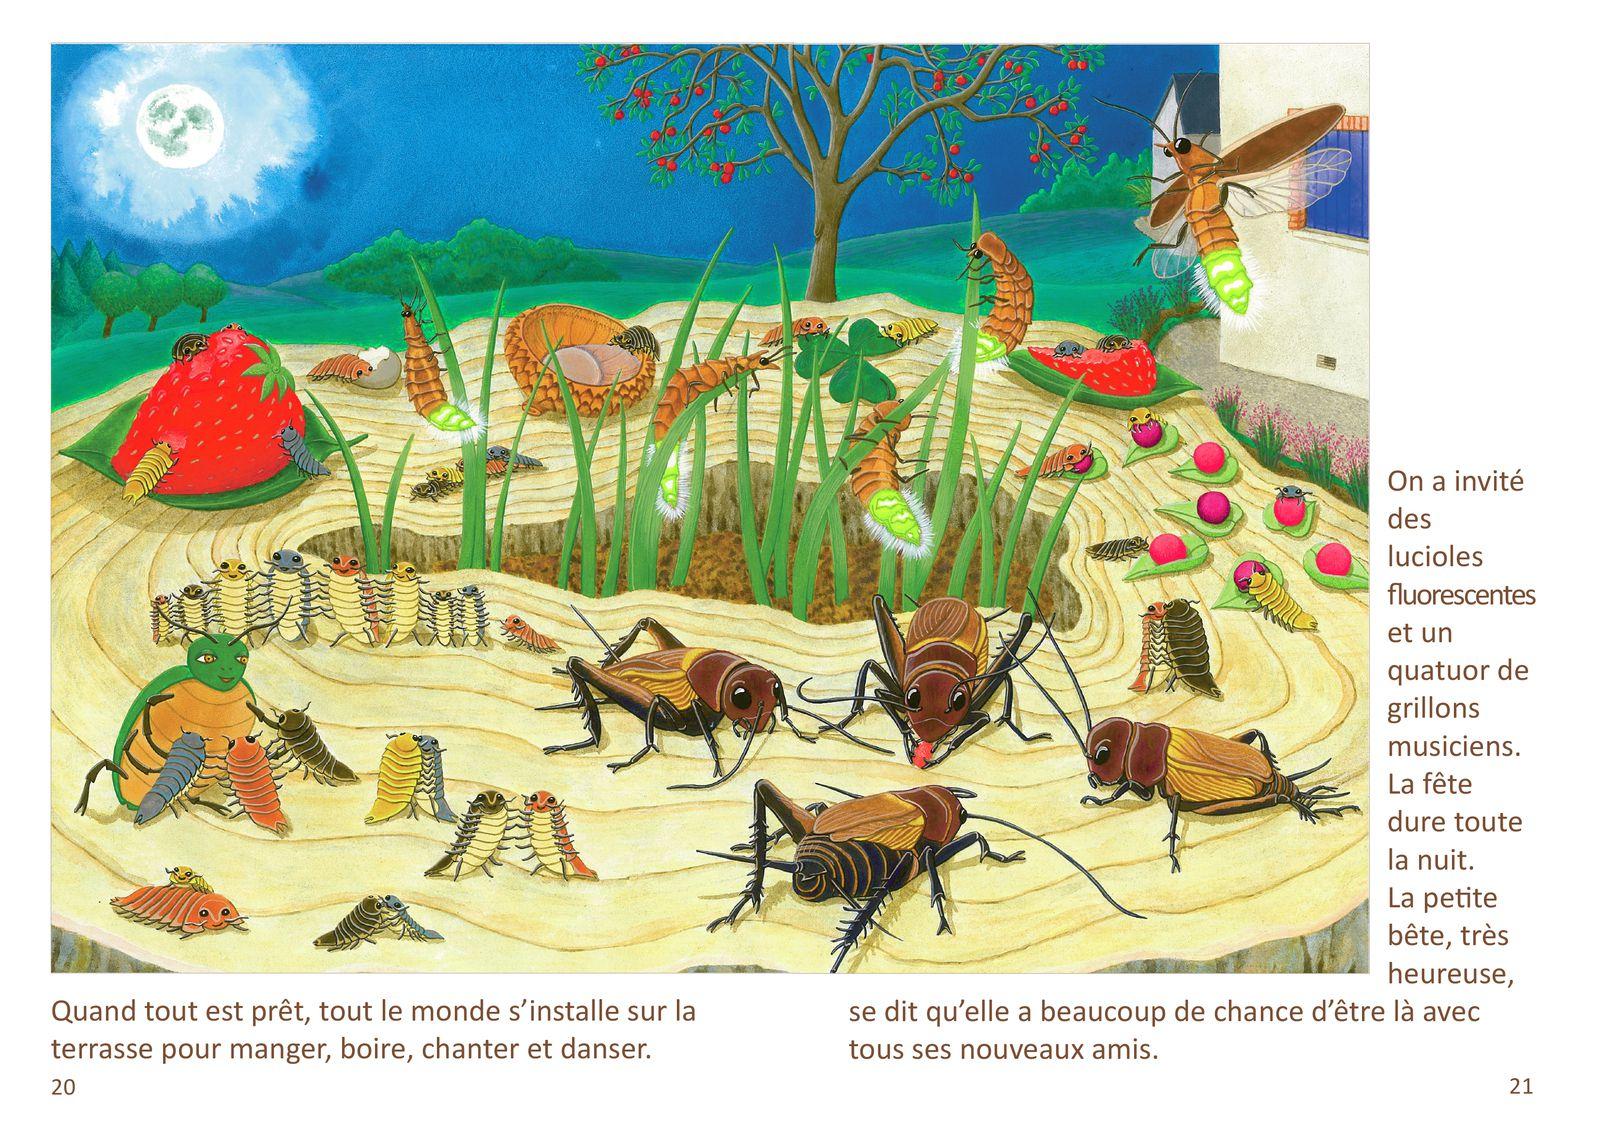 Histoire de la petite bête. Conte illustré pour enfants